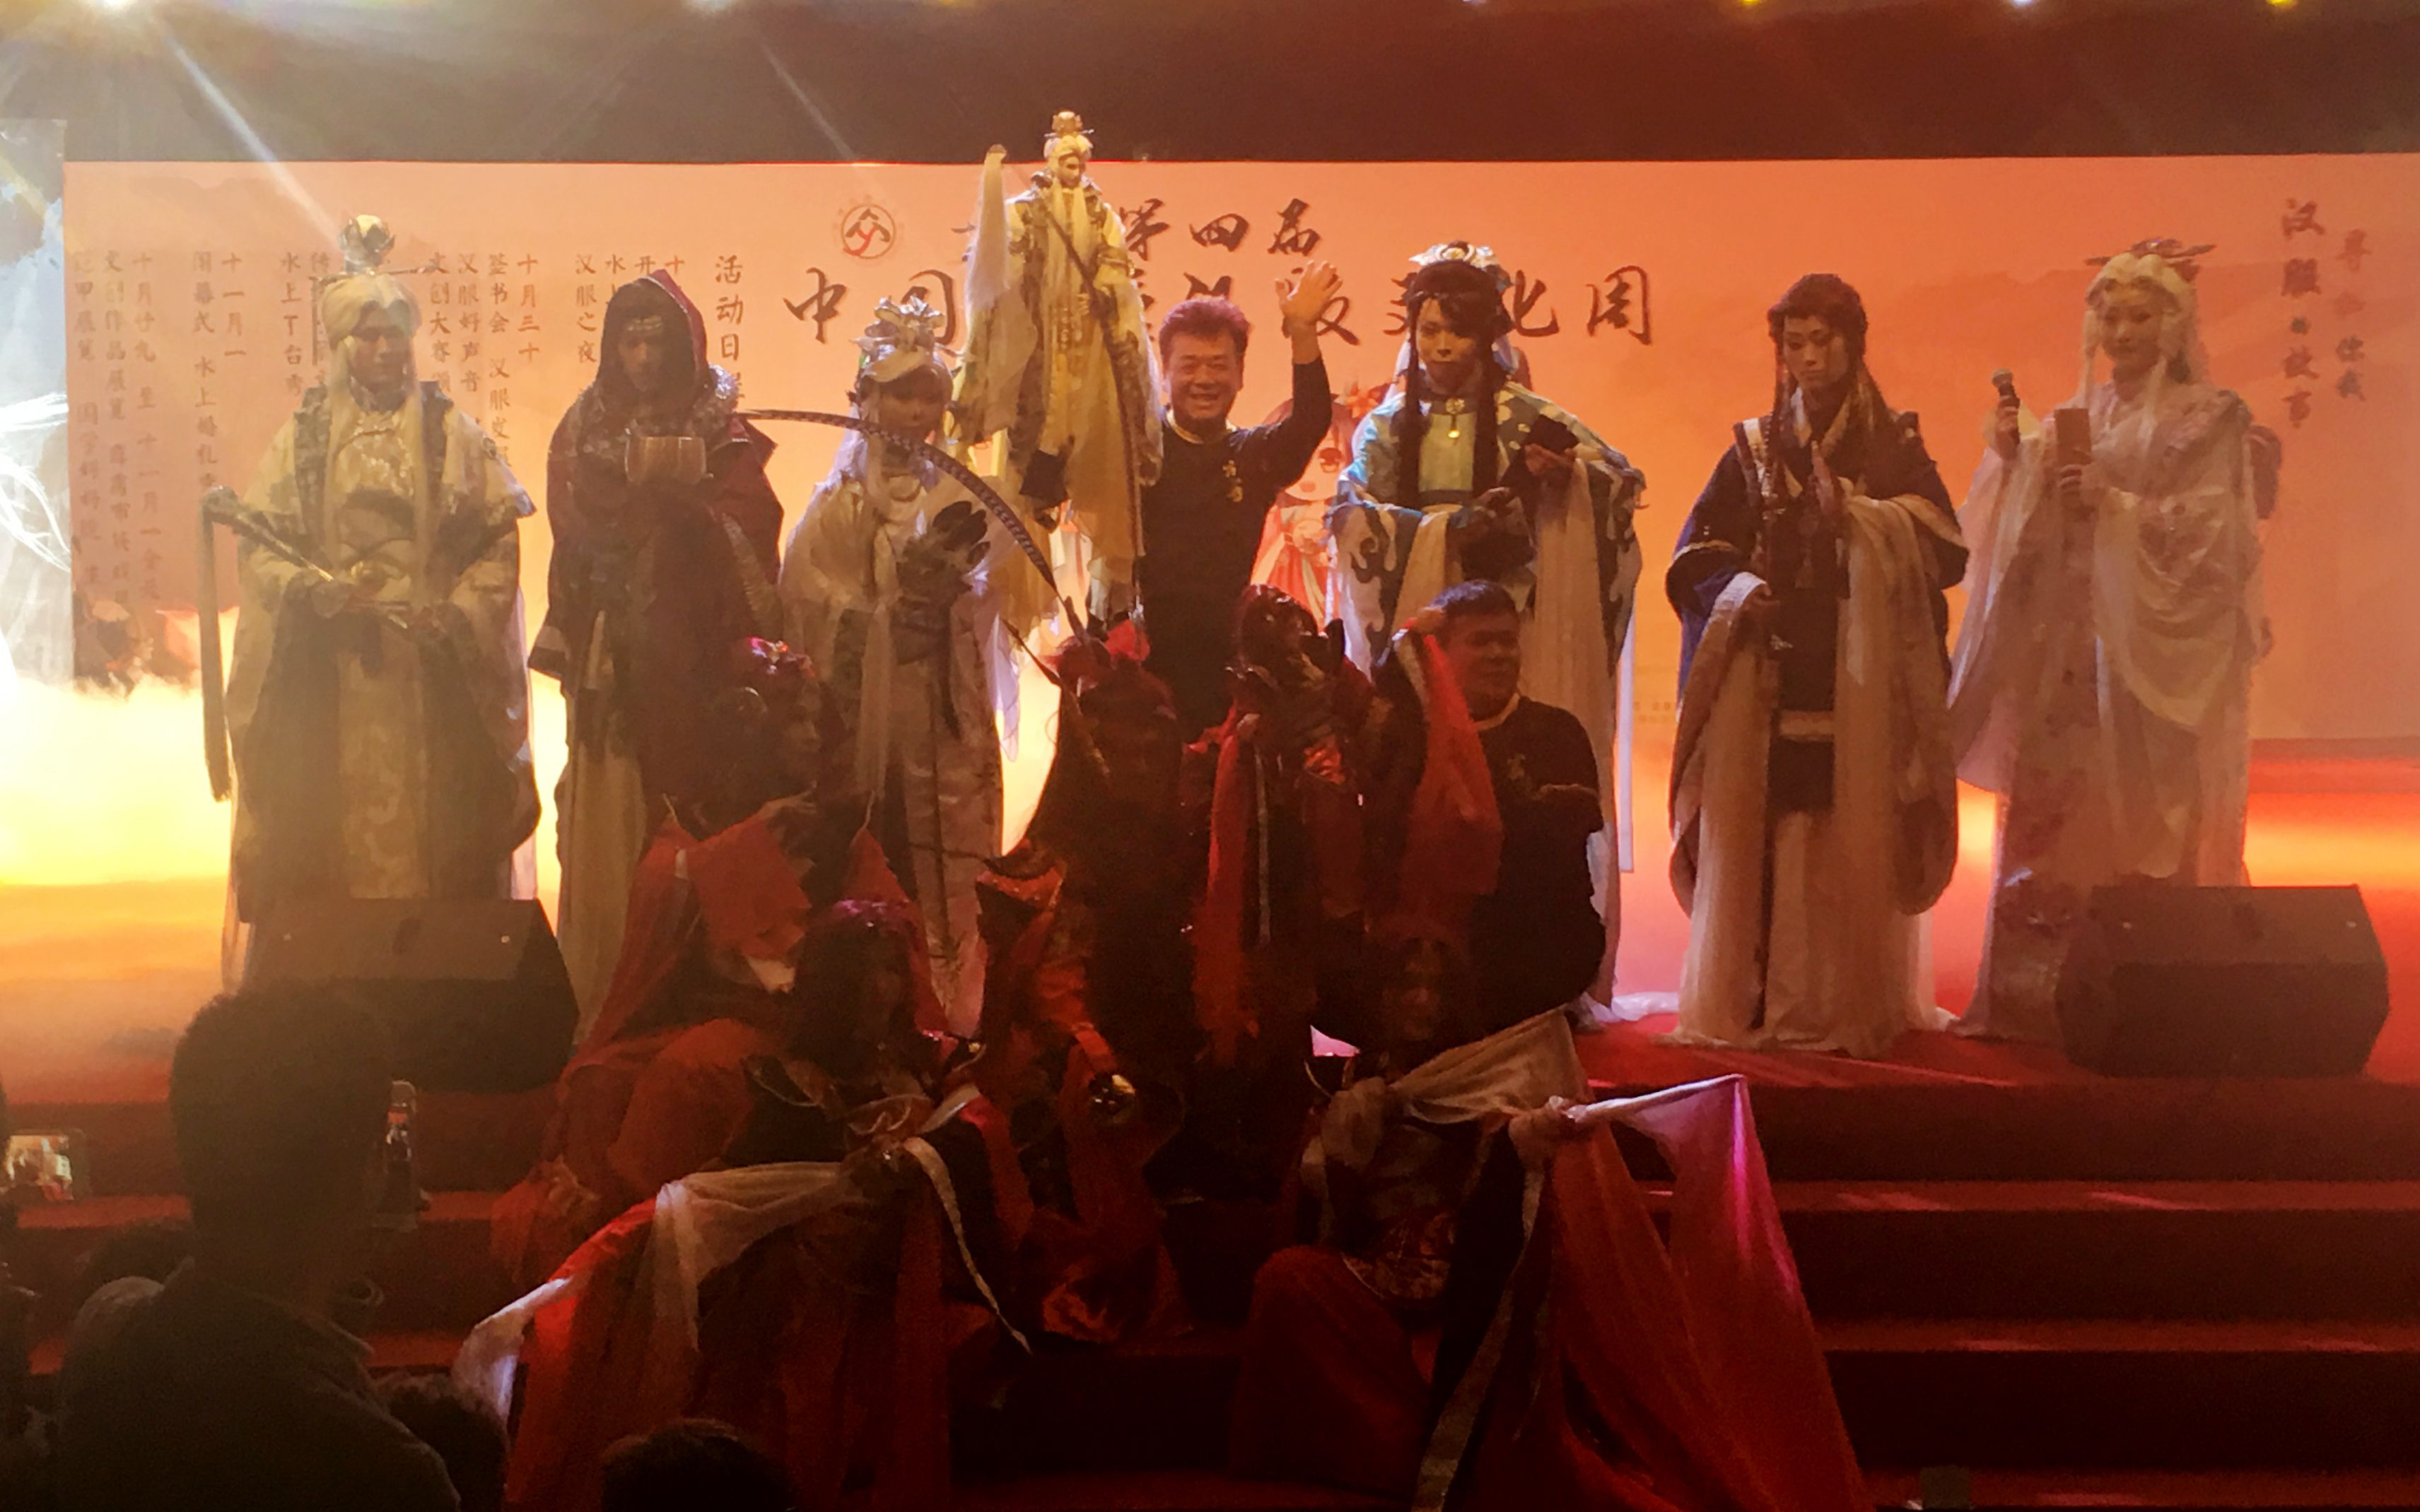 20161030西塘汉服文化周【霹雳布袋戏】霹雳操偶 cos表演图片